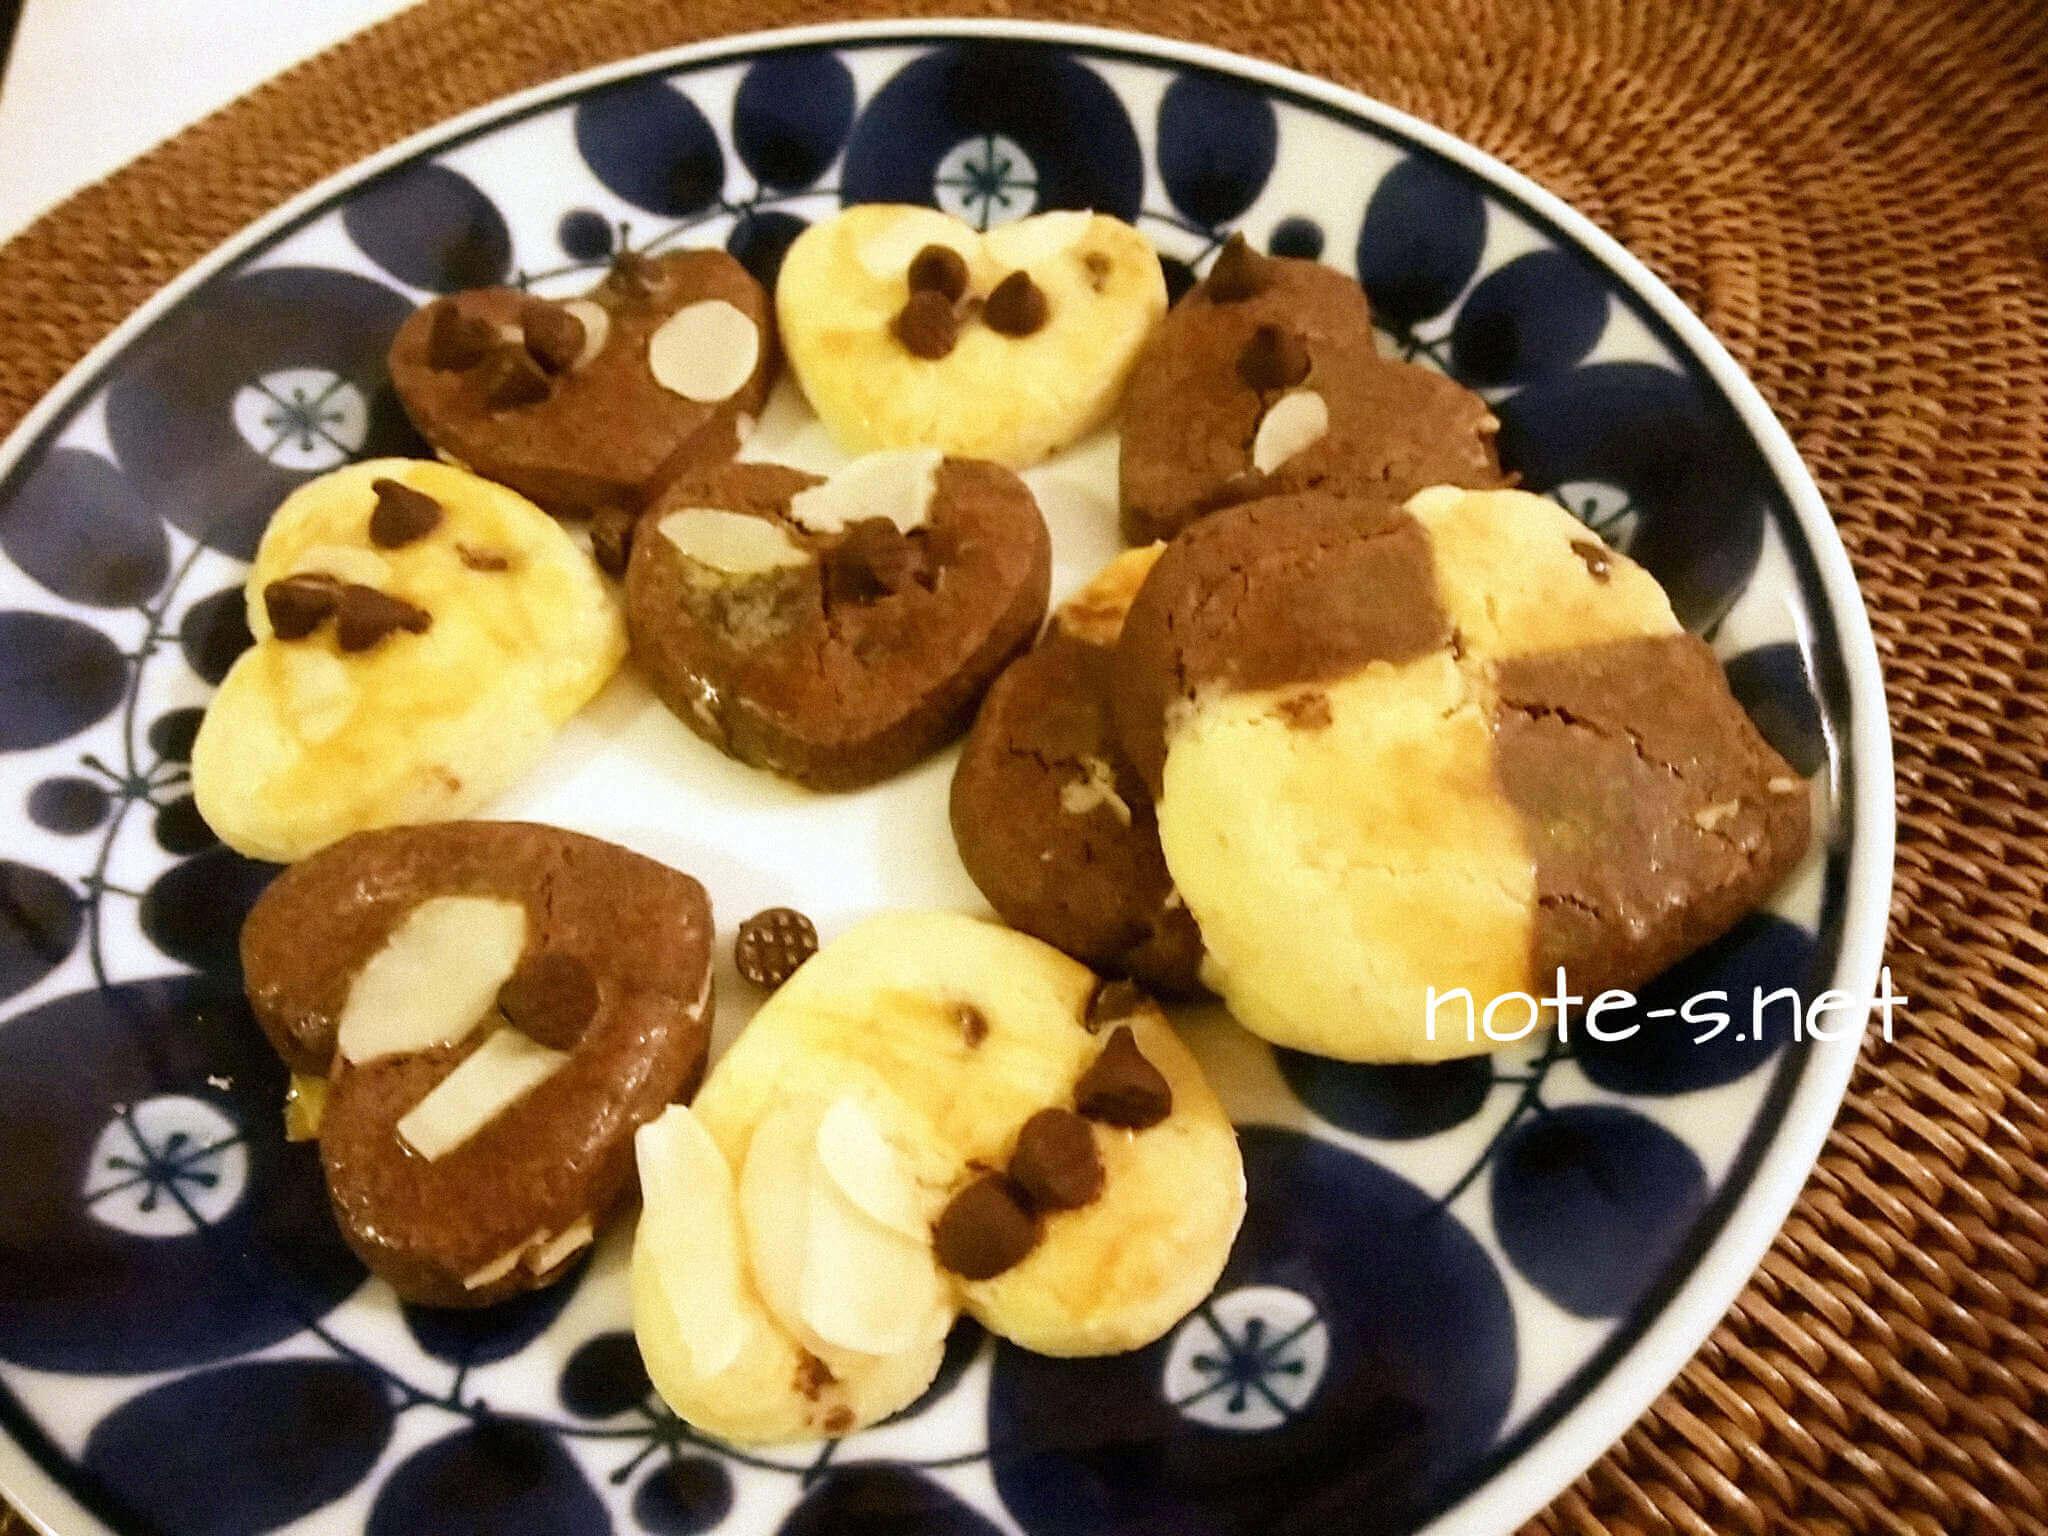 バレンタインチョコクッキー<無印キット活用>を2歳半娘とつくる